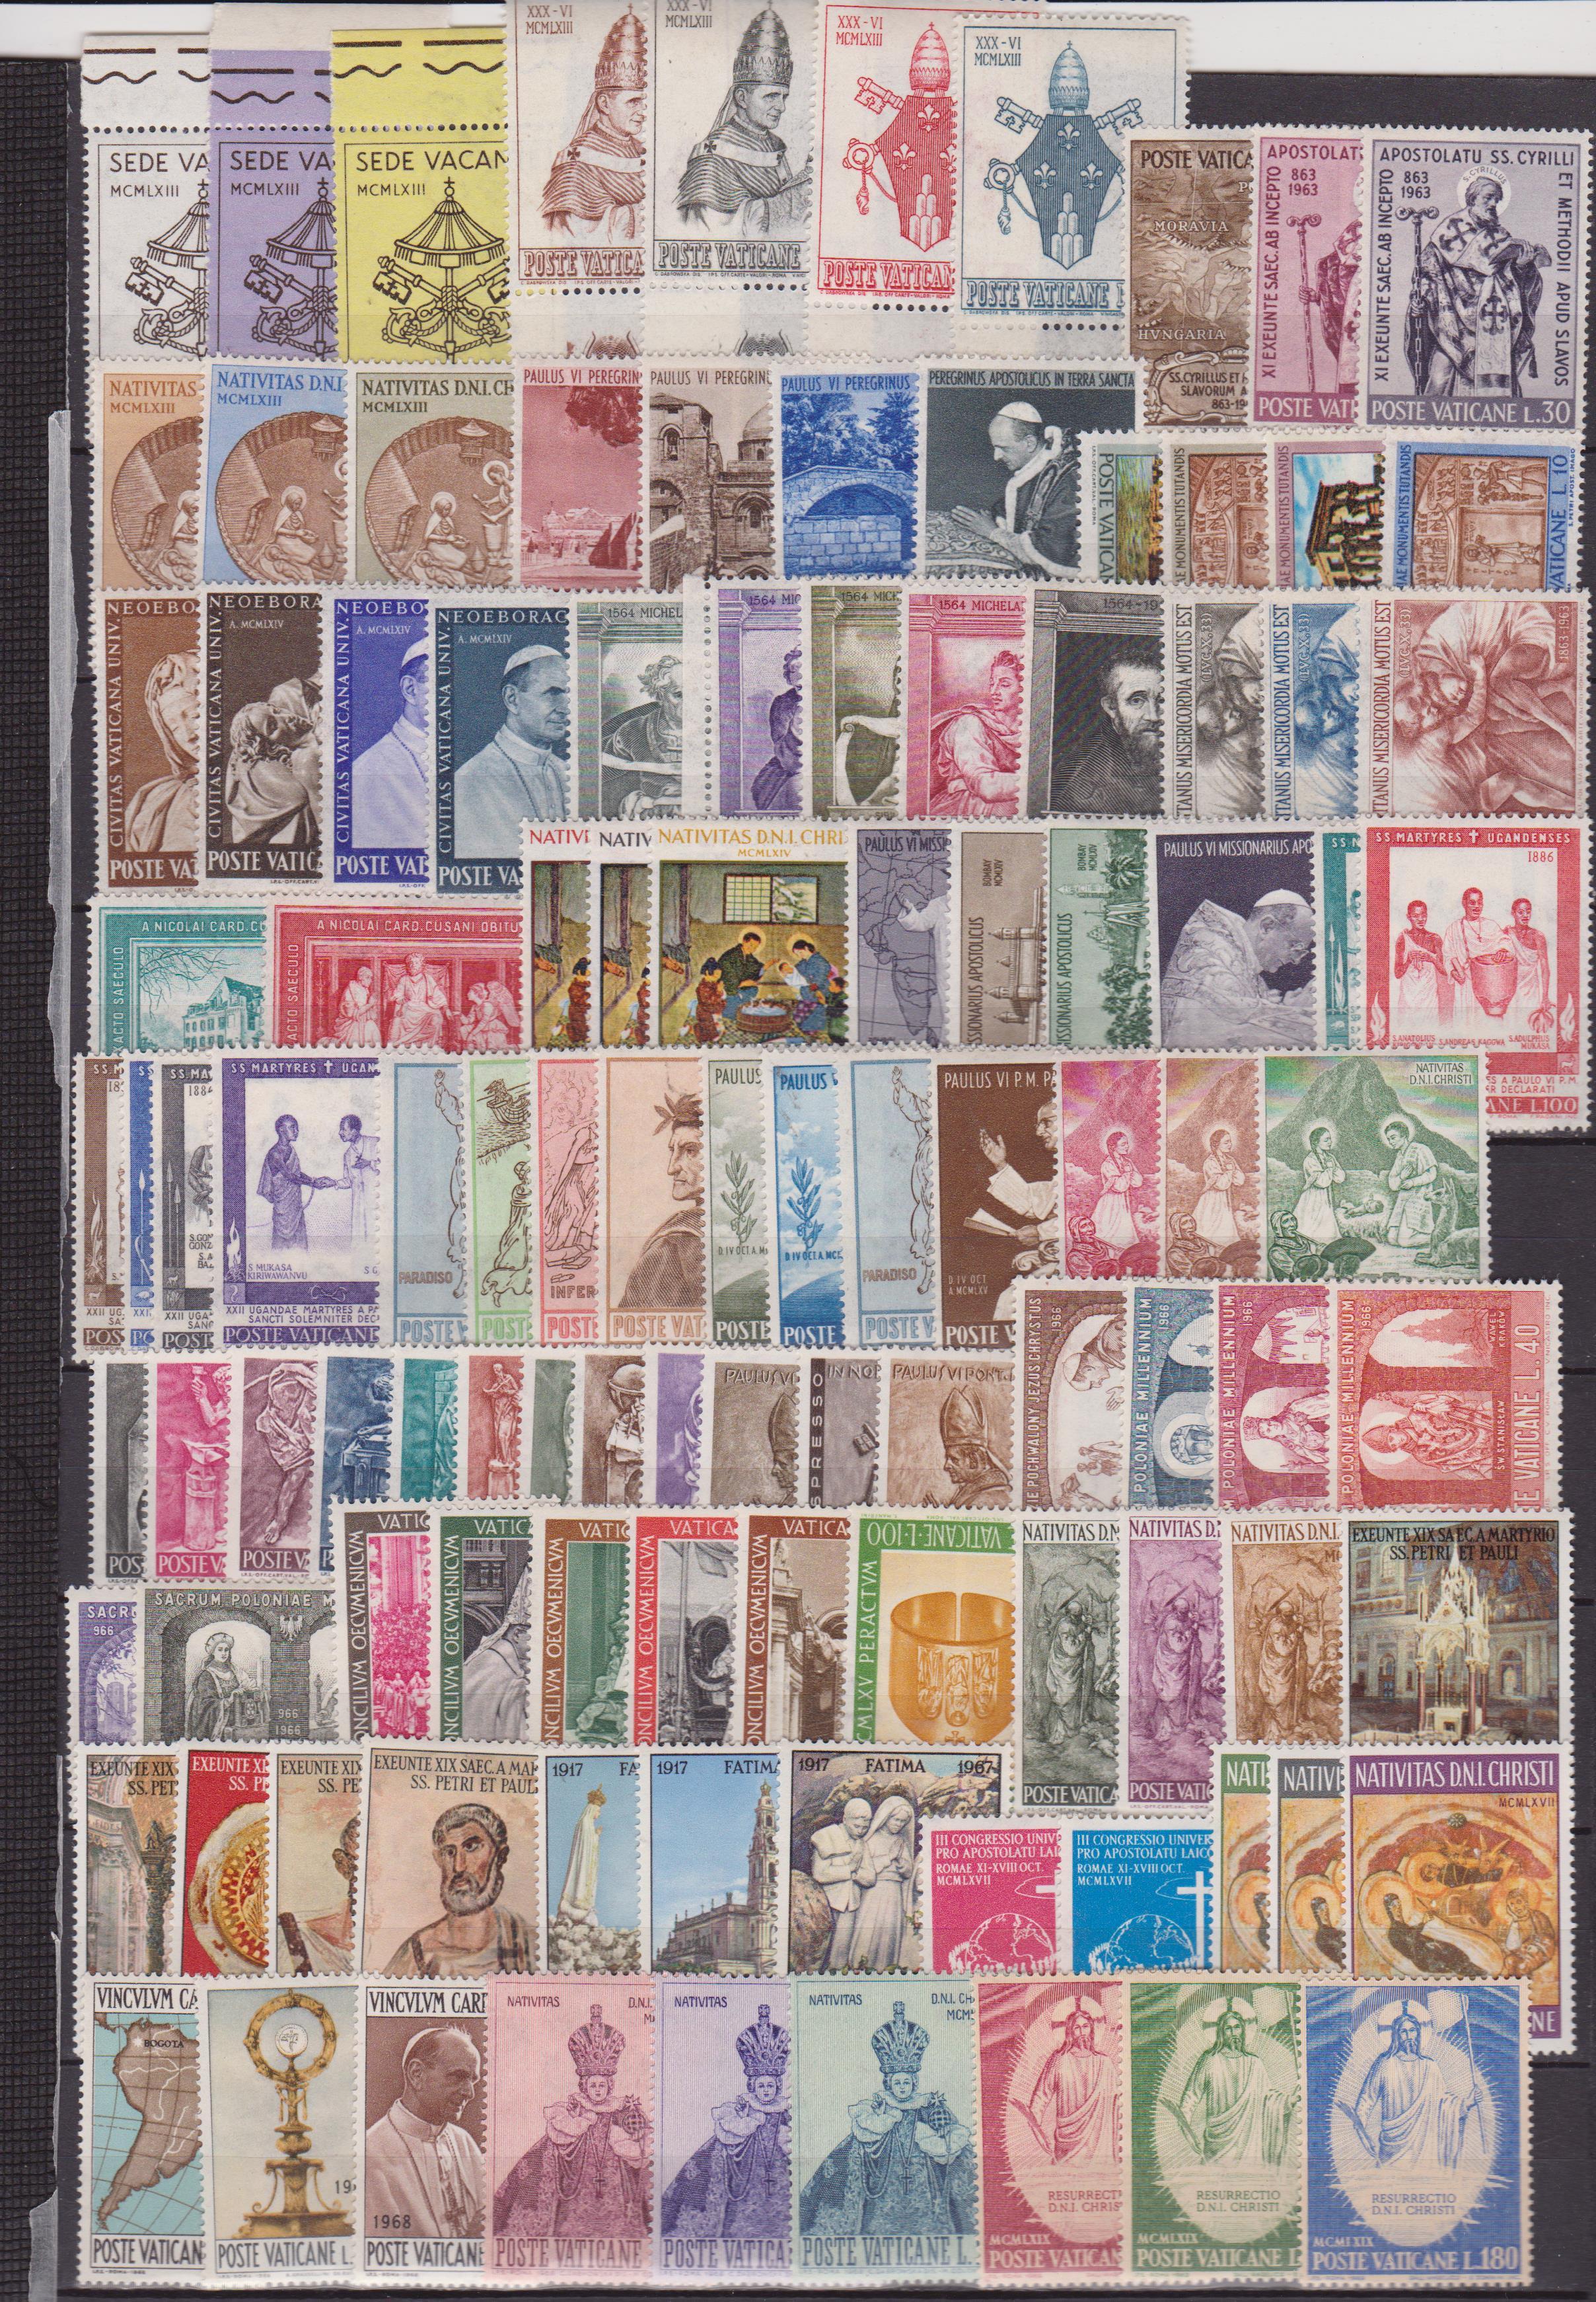 Vaticano Paolo VI 1 001